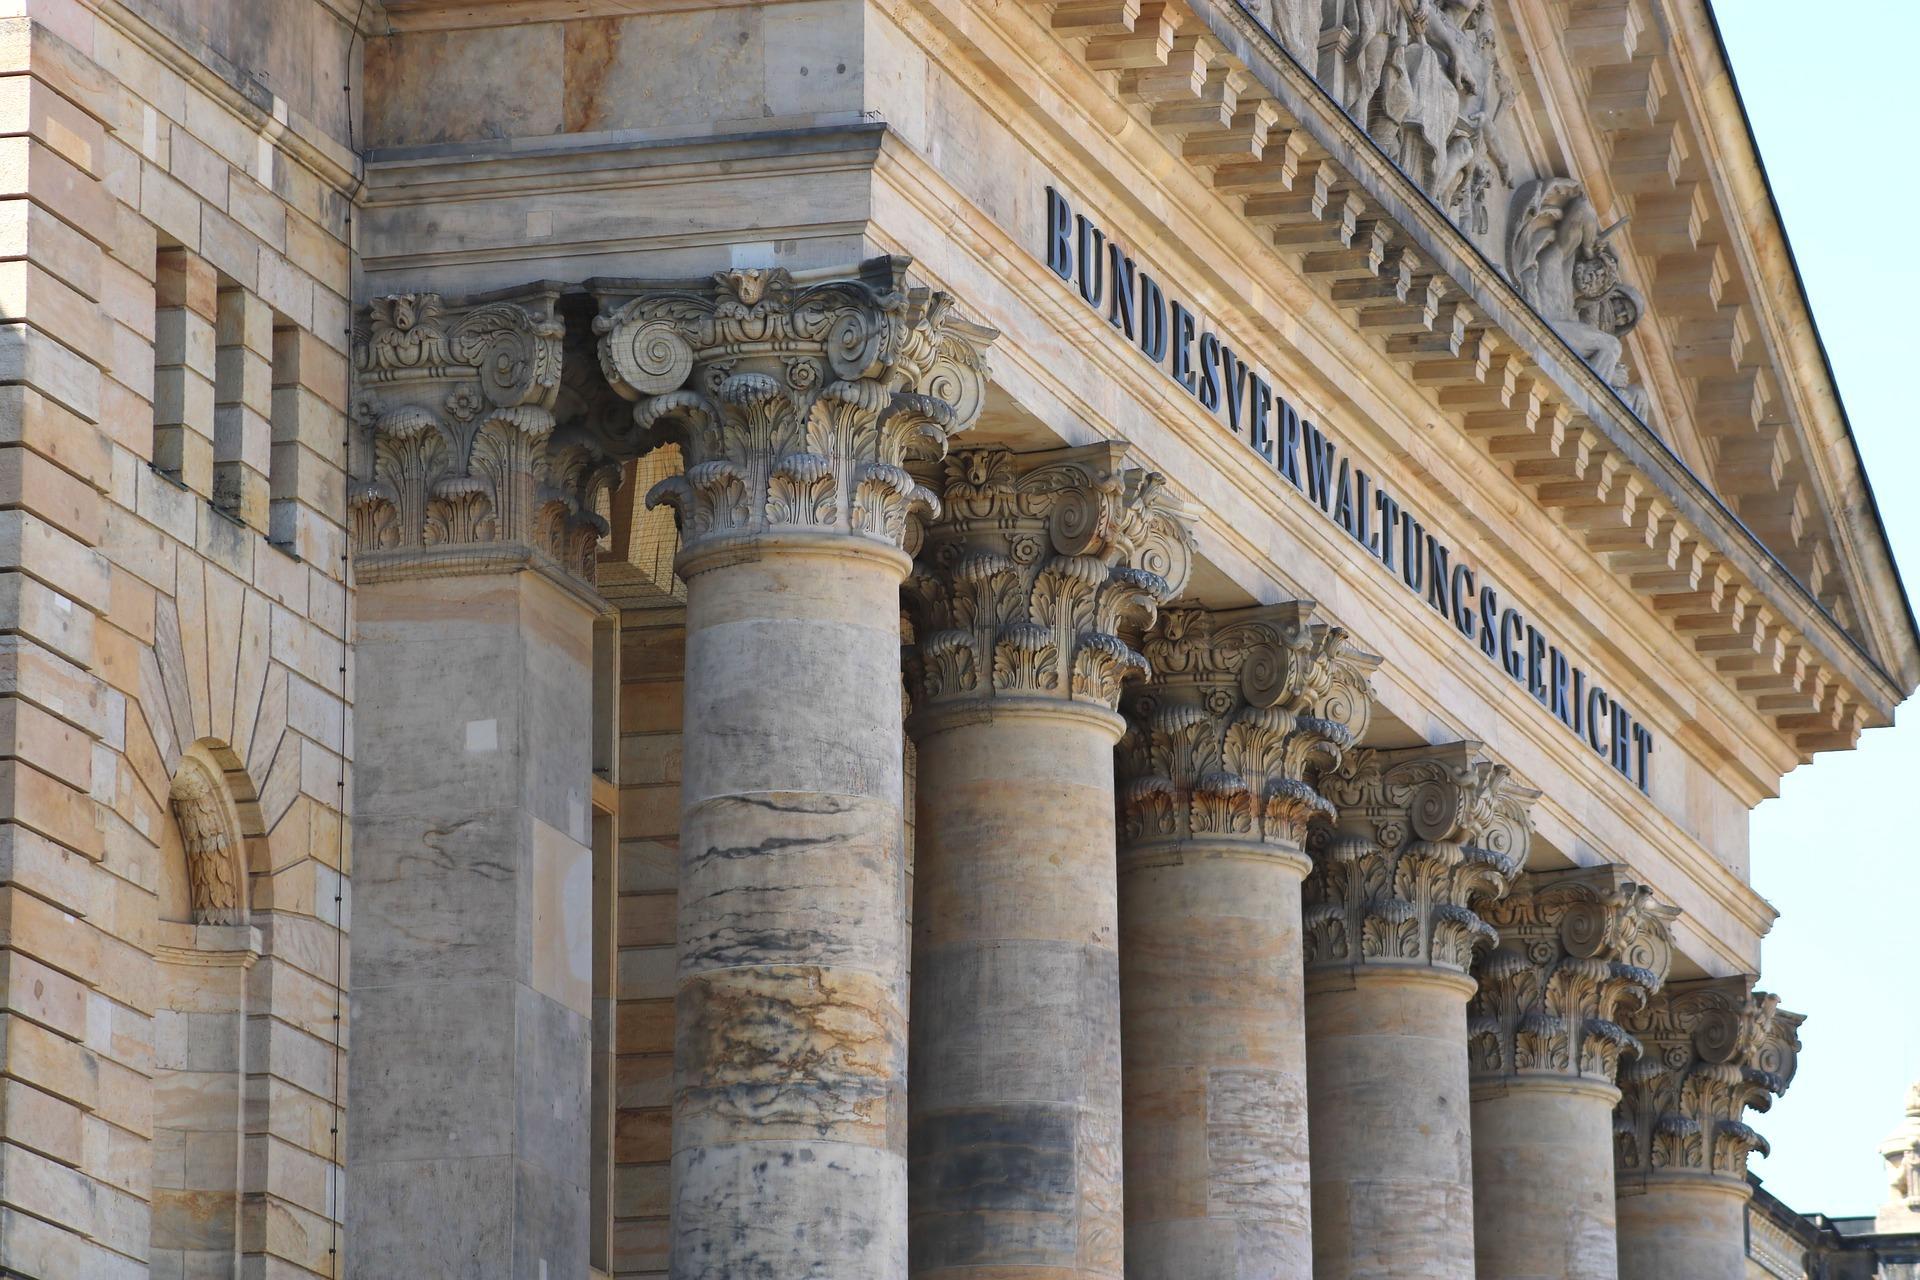 Auslandsbanken in Spanien und die Geldwäschevorschriften